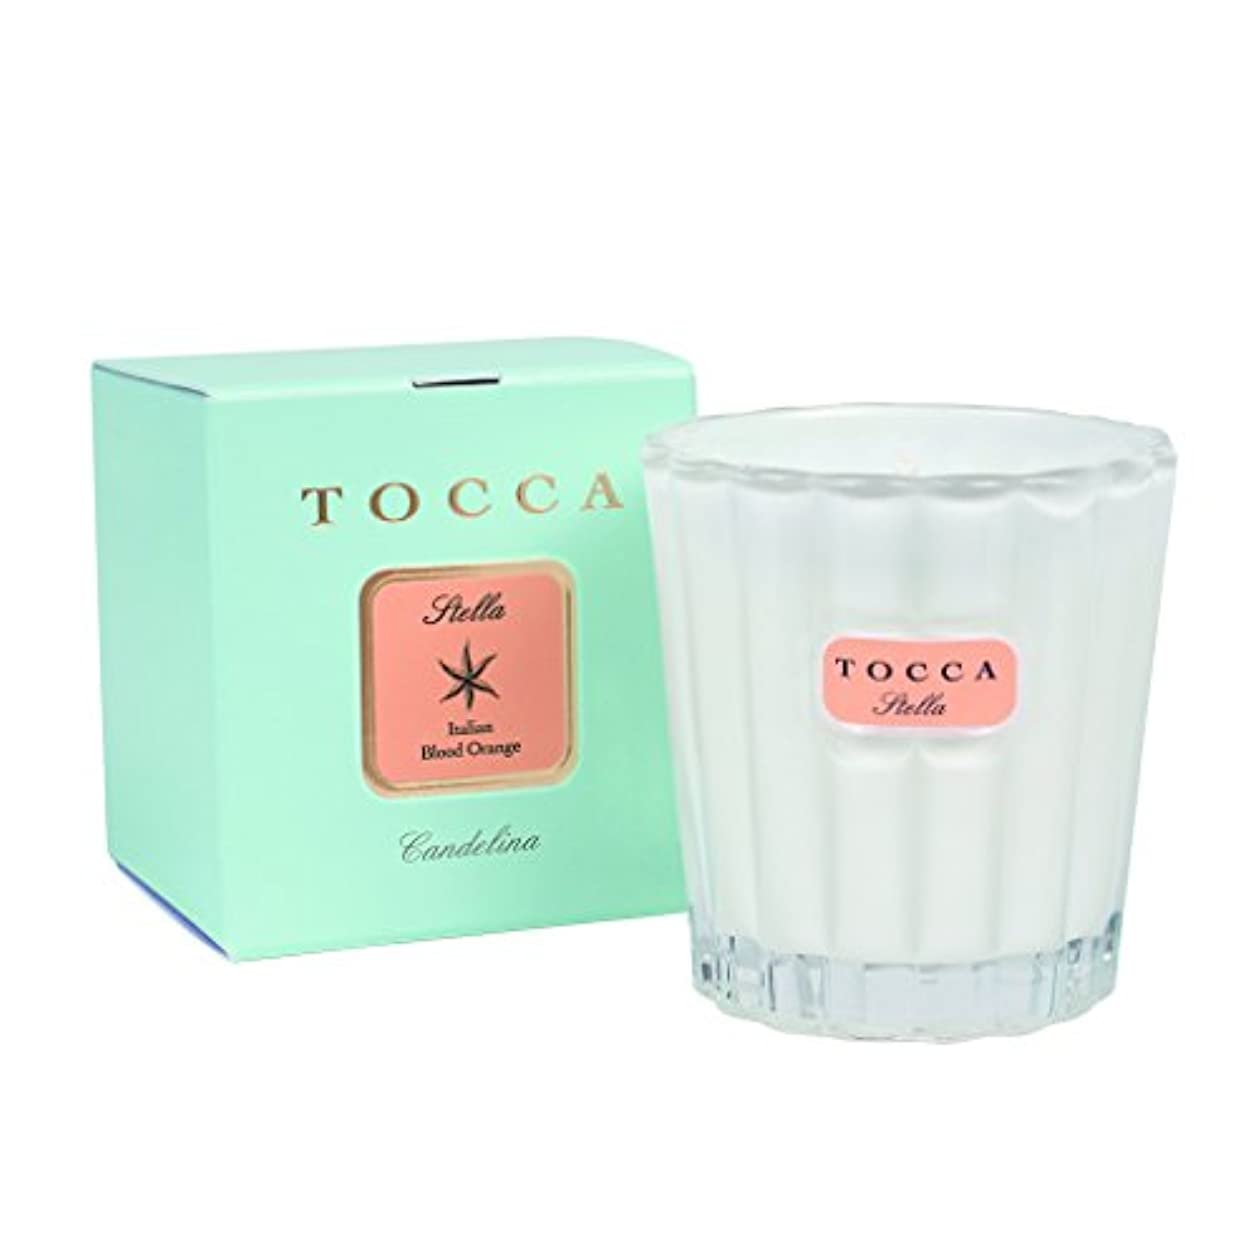 トッカ(TOCCA) キャンデリーナ ステラ 88g (キャンドル ろうそく シトラス系でありながらほんのり甘く苦味を感じることのないさわやかな香り)